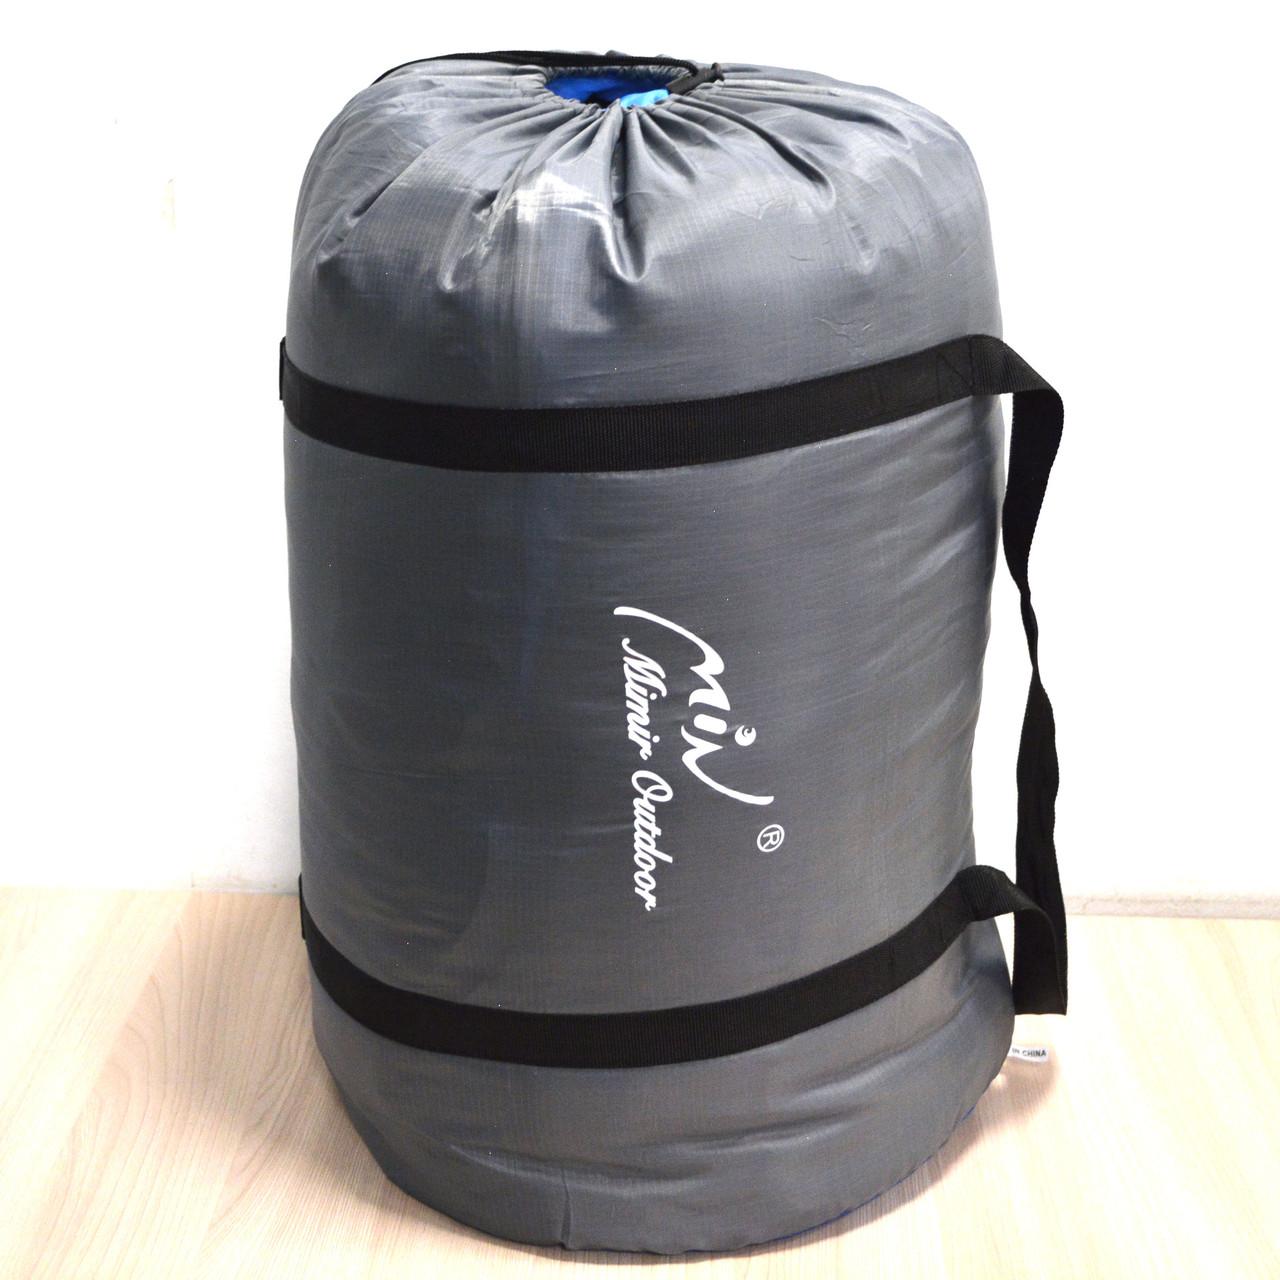 Спальный (туристический) мешок синтепоновый непромокаемый с левой молнией 230х90 см Mimir outdoor - фото 5